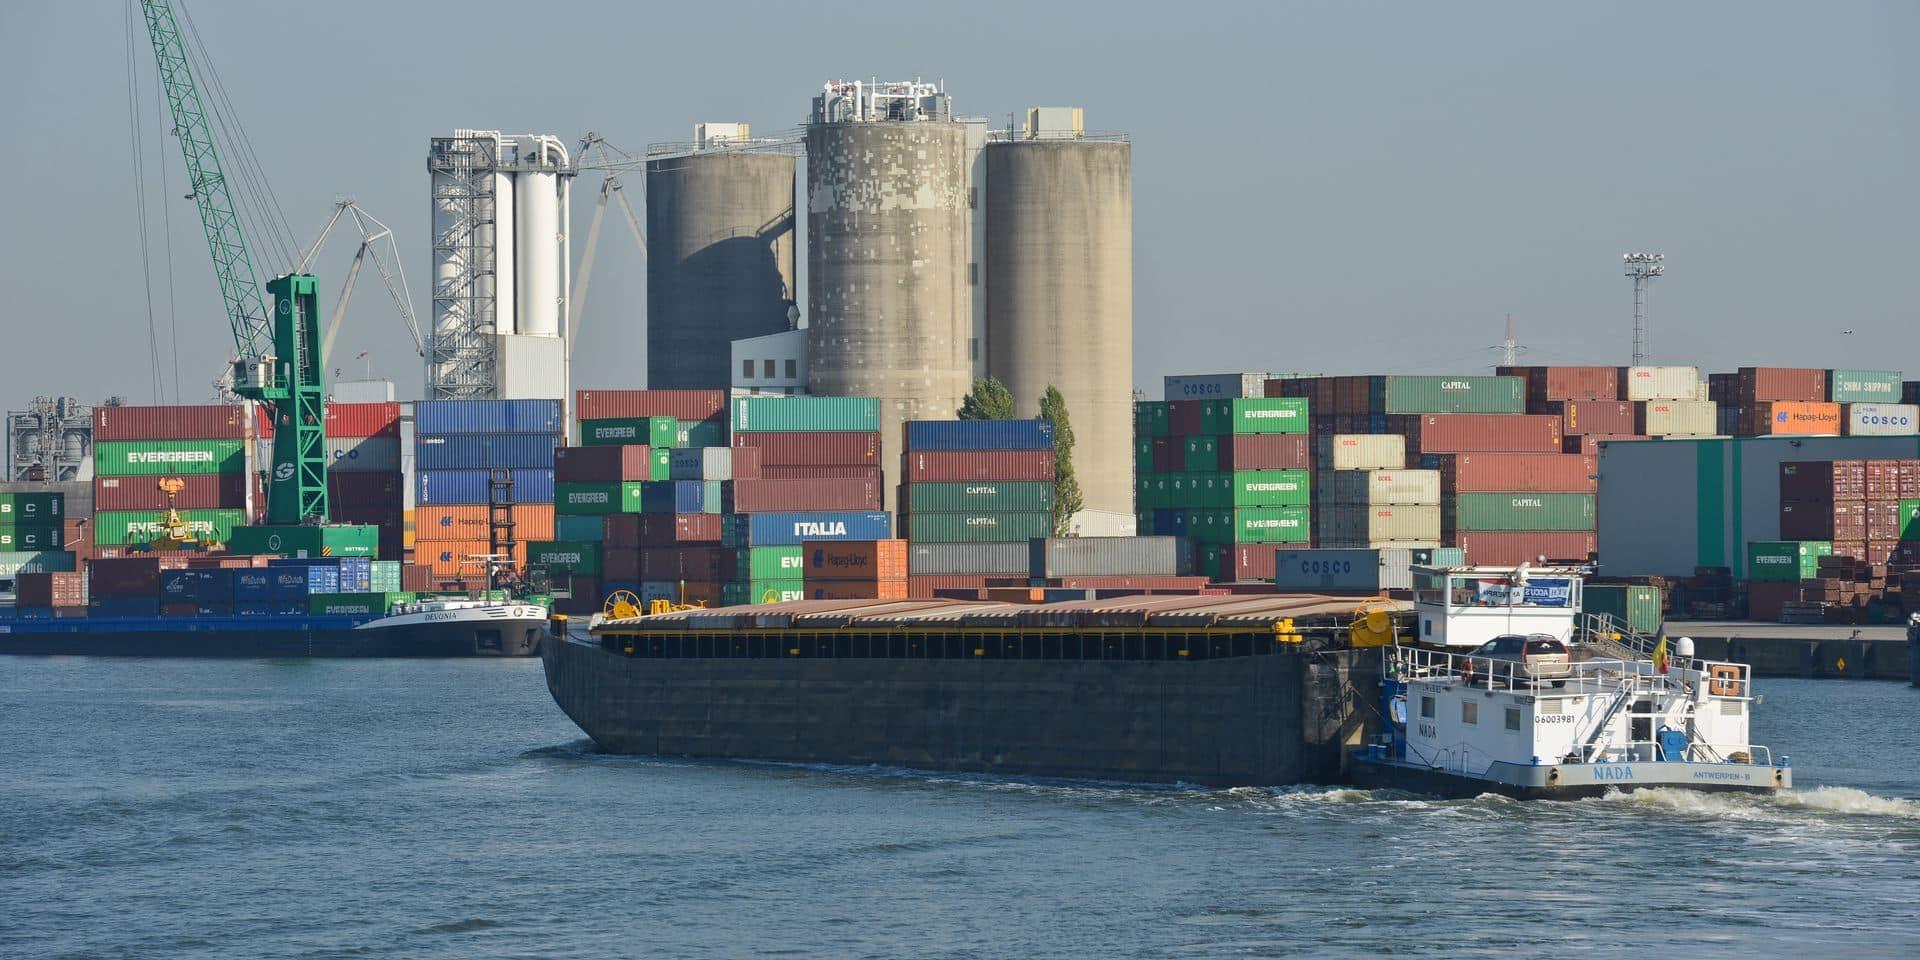 Un bateau a heurté un pont à Anvers